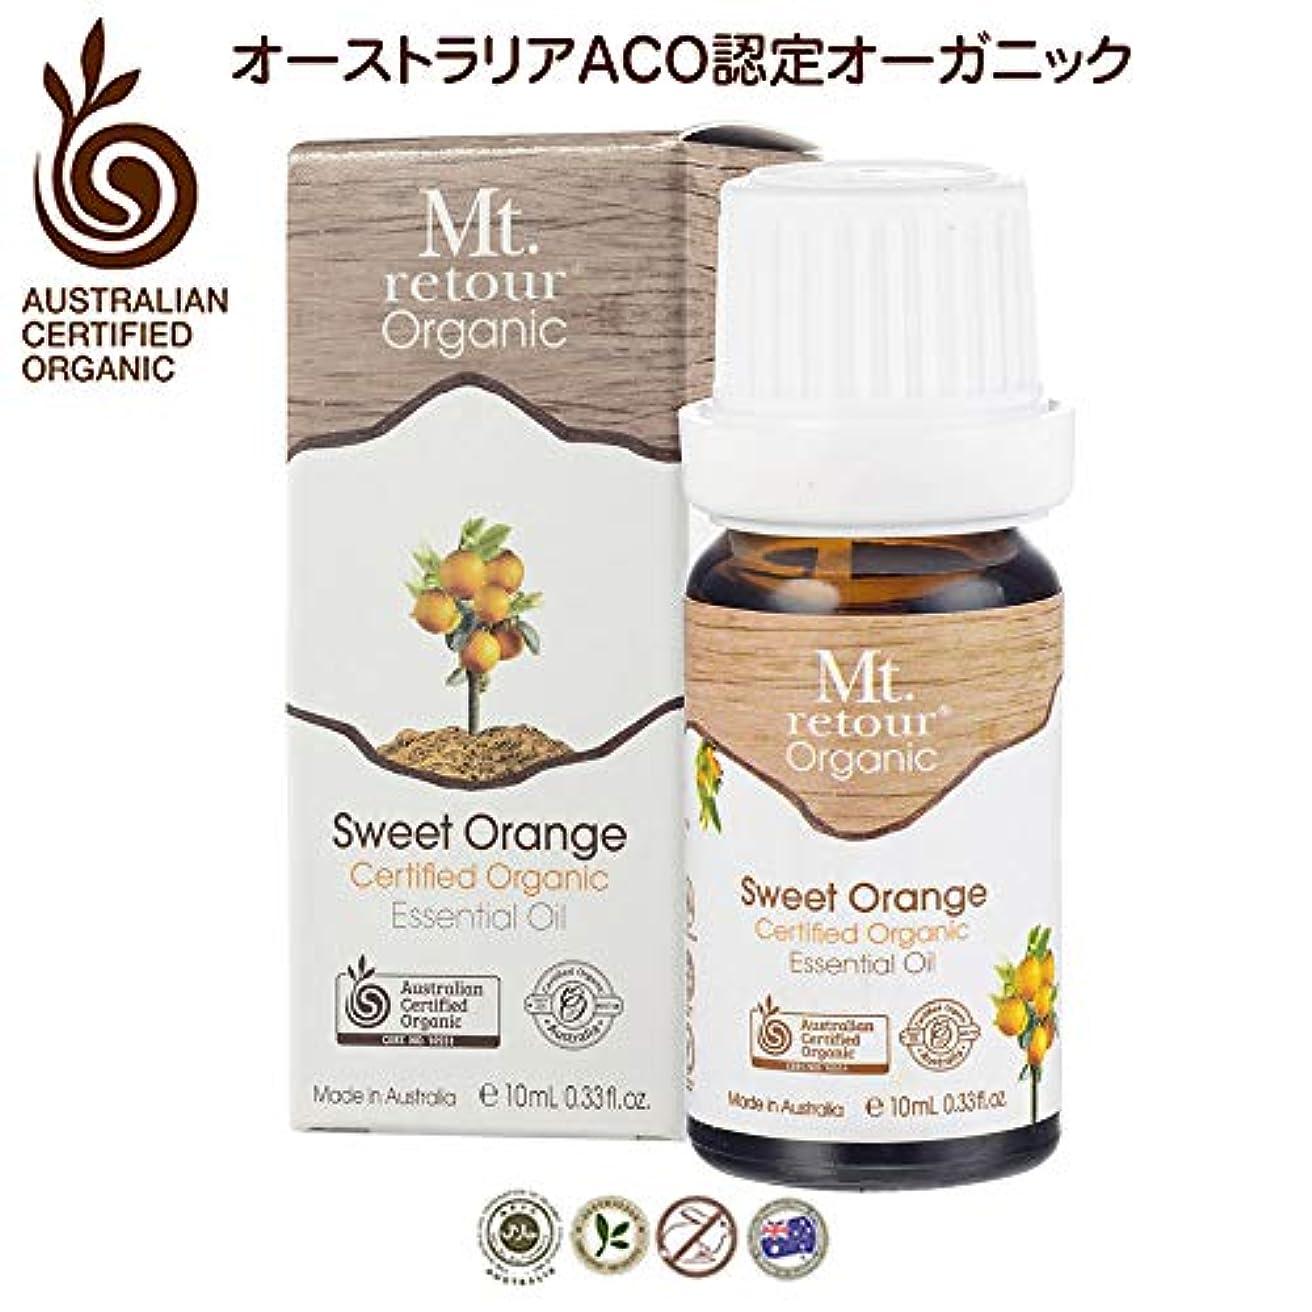 慣らす狂気電信Mt. retour ACO認定オーガニック オレンジスイート 10ml エッセンシャルオイル(無農薬有機)アロマ